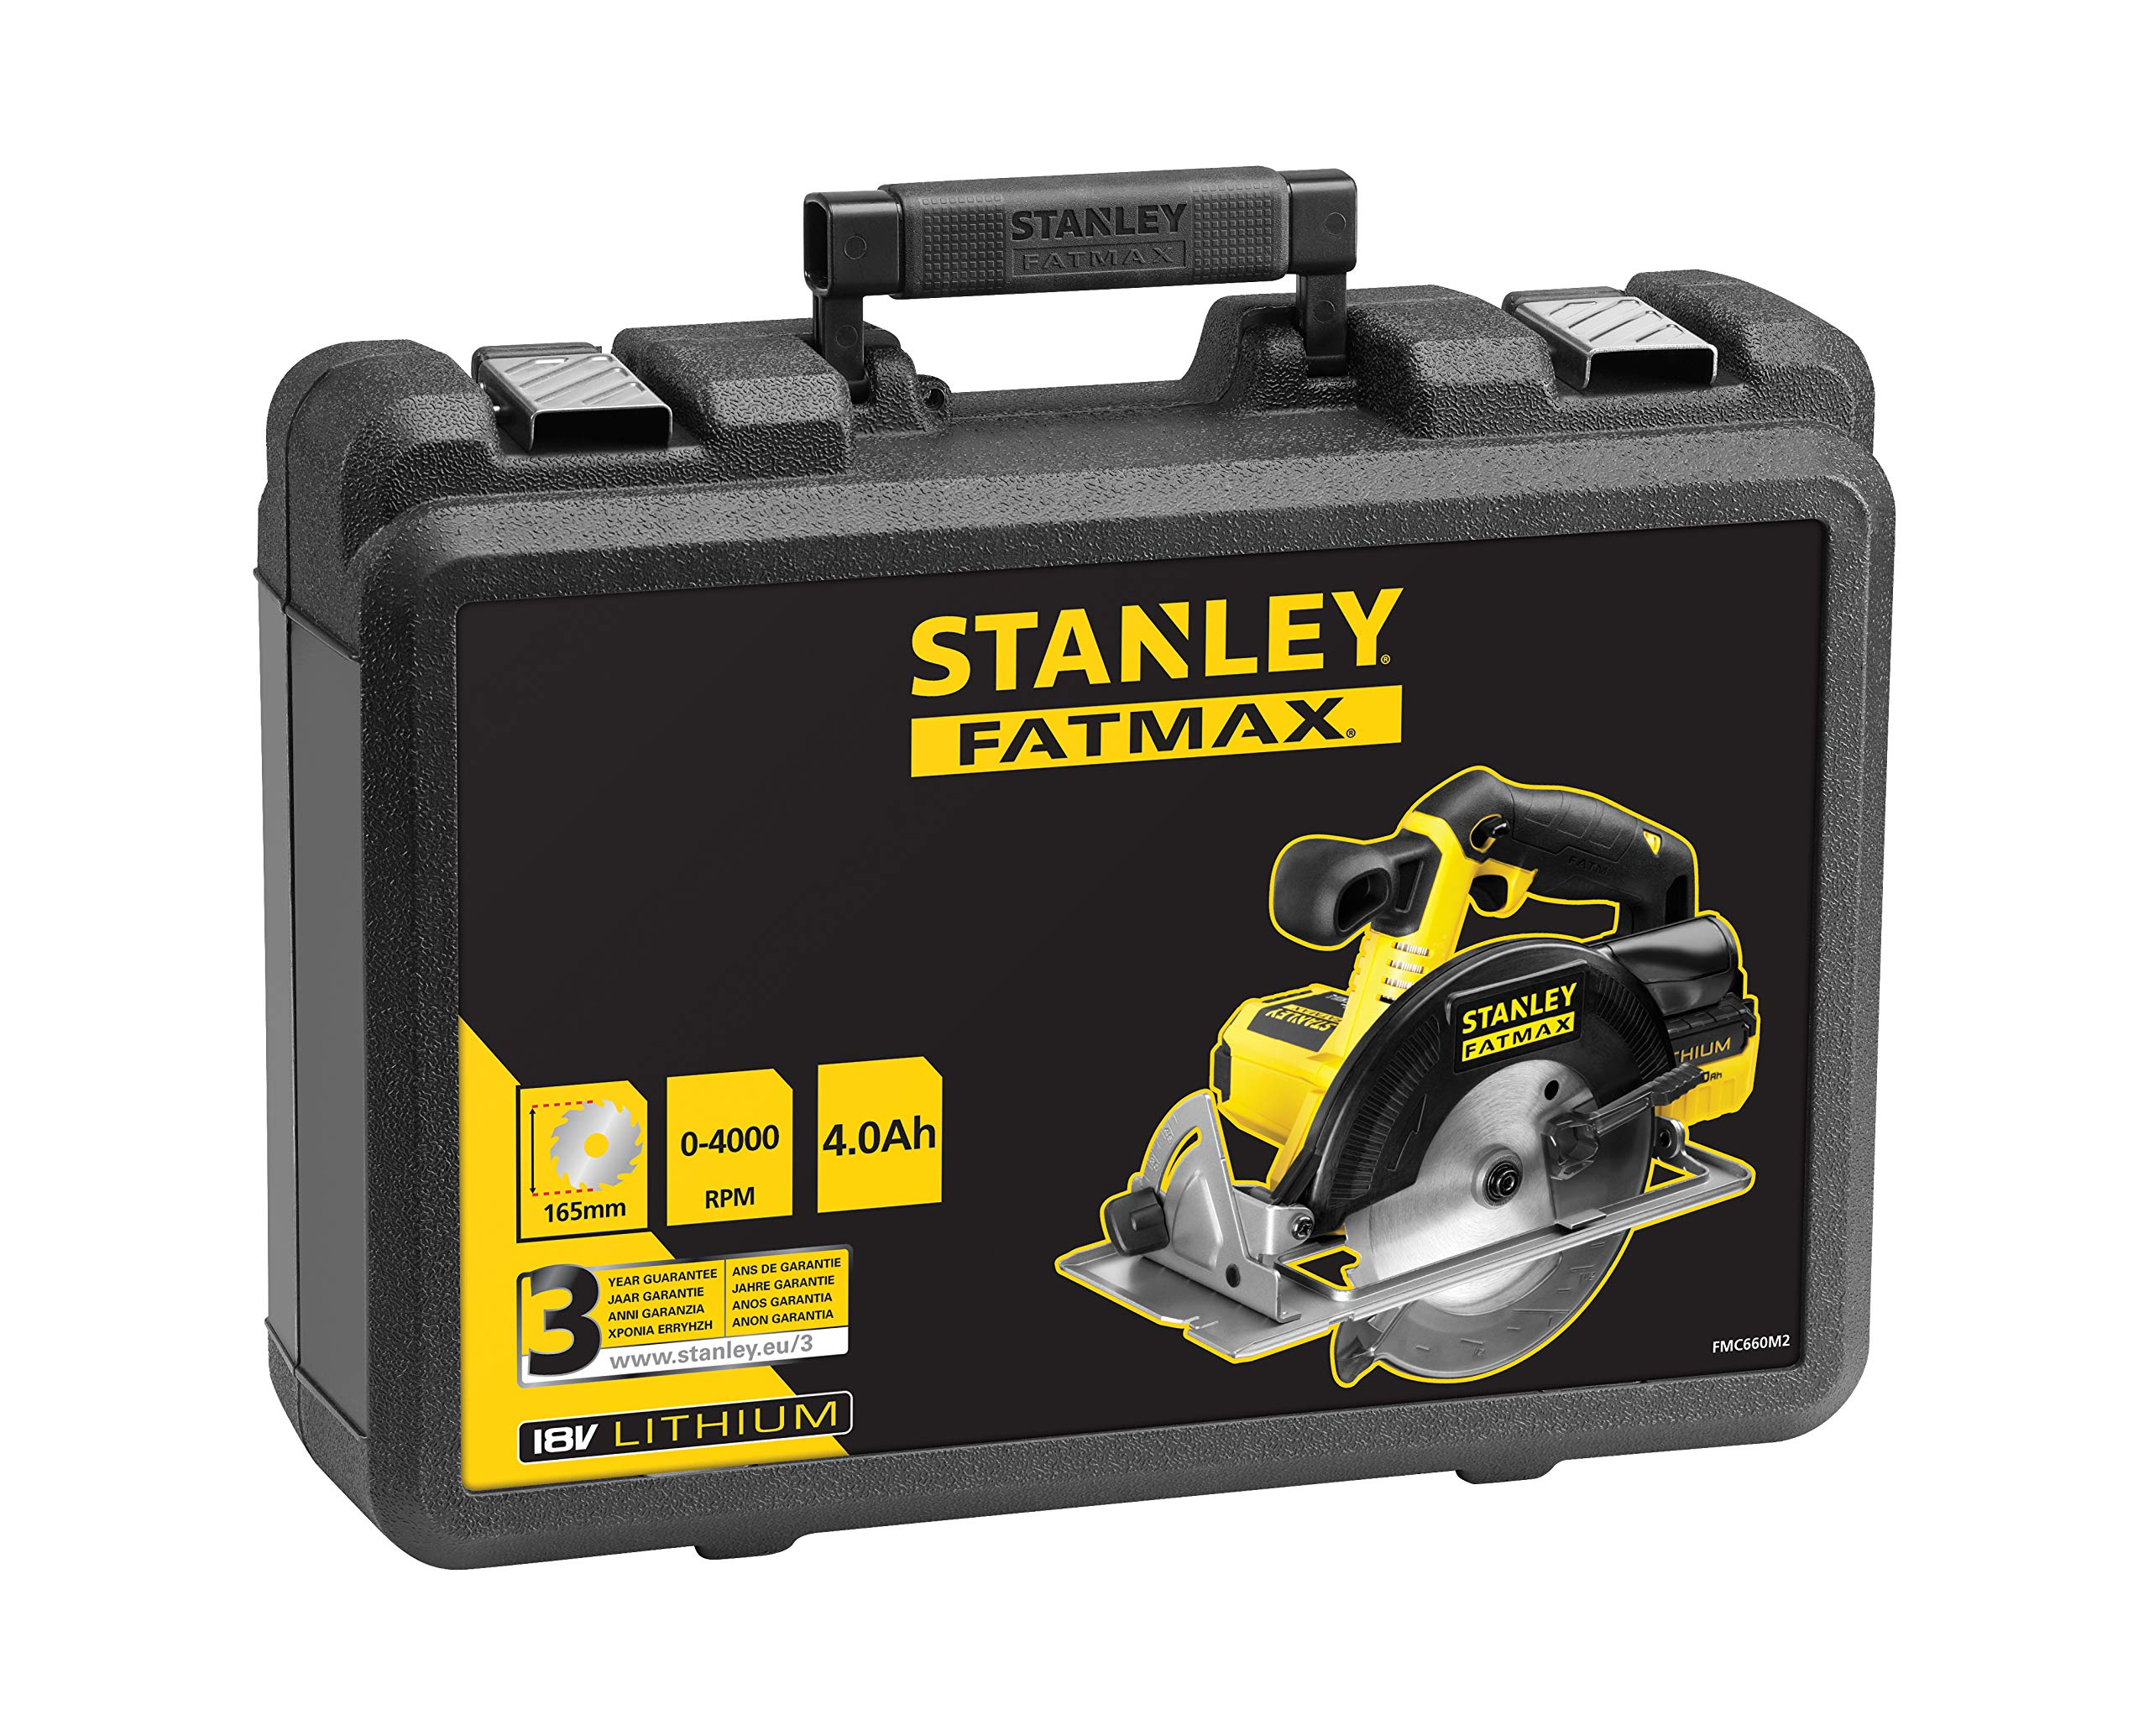 con 2 bater/ías de litio 4Ah y malet/ín Sierra de calar 18V corte bisel 45/° STANLET FATMAX FMC650M2-QW 19 mm